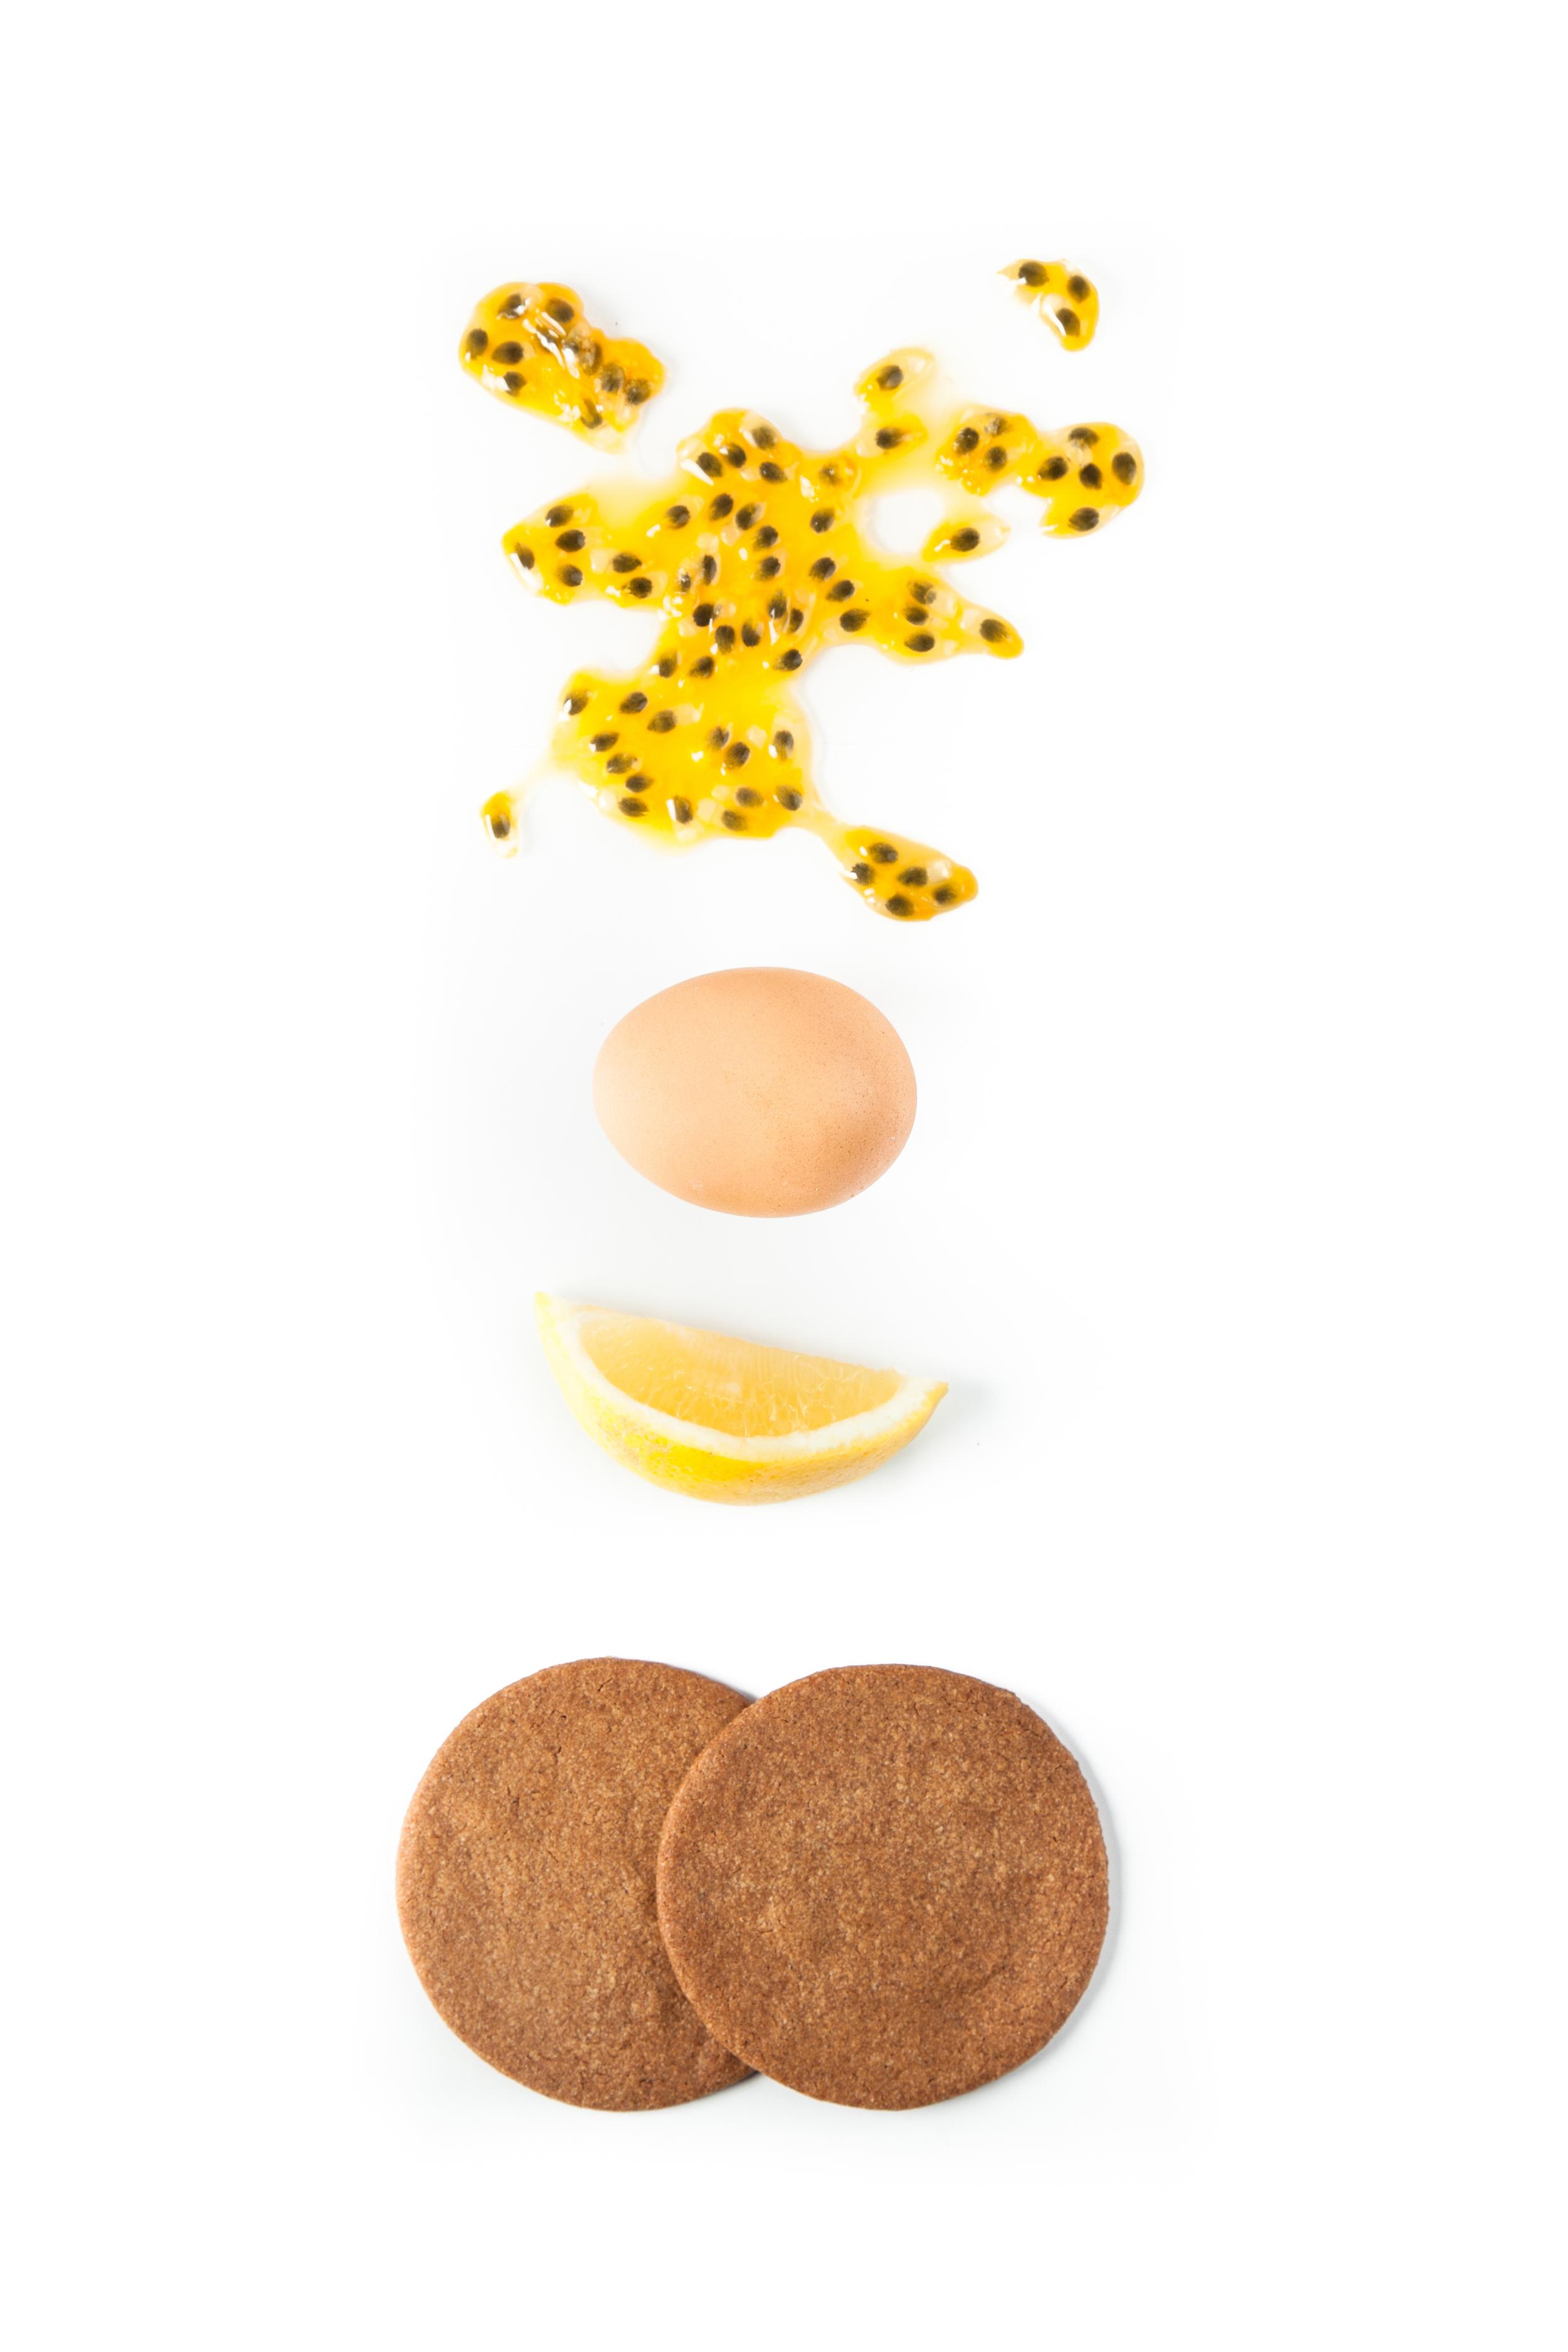 Acide Macaron, Boutique et produits de Jonathan Blot, Paris.